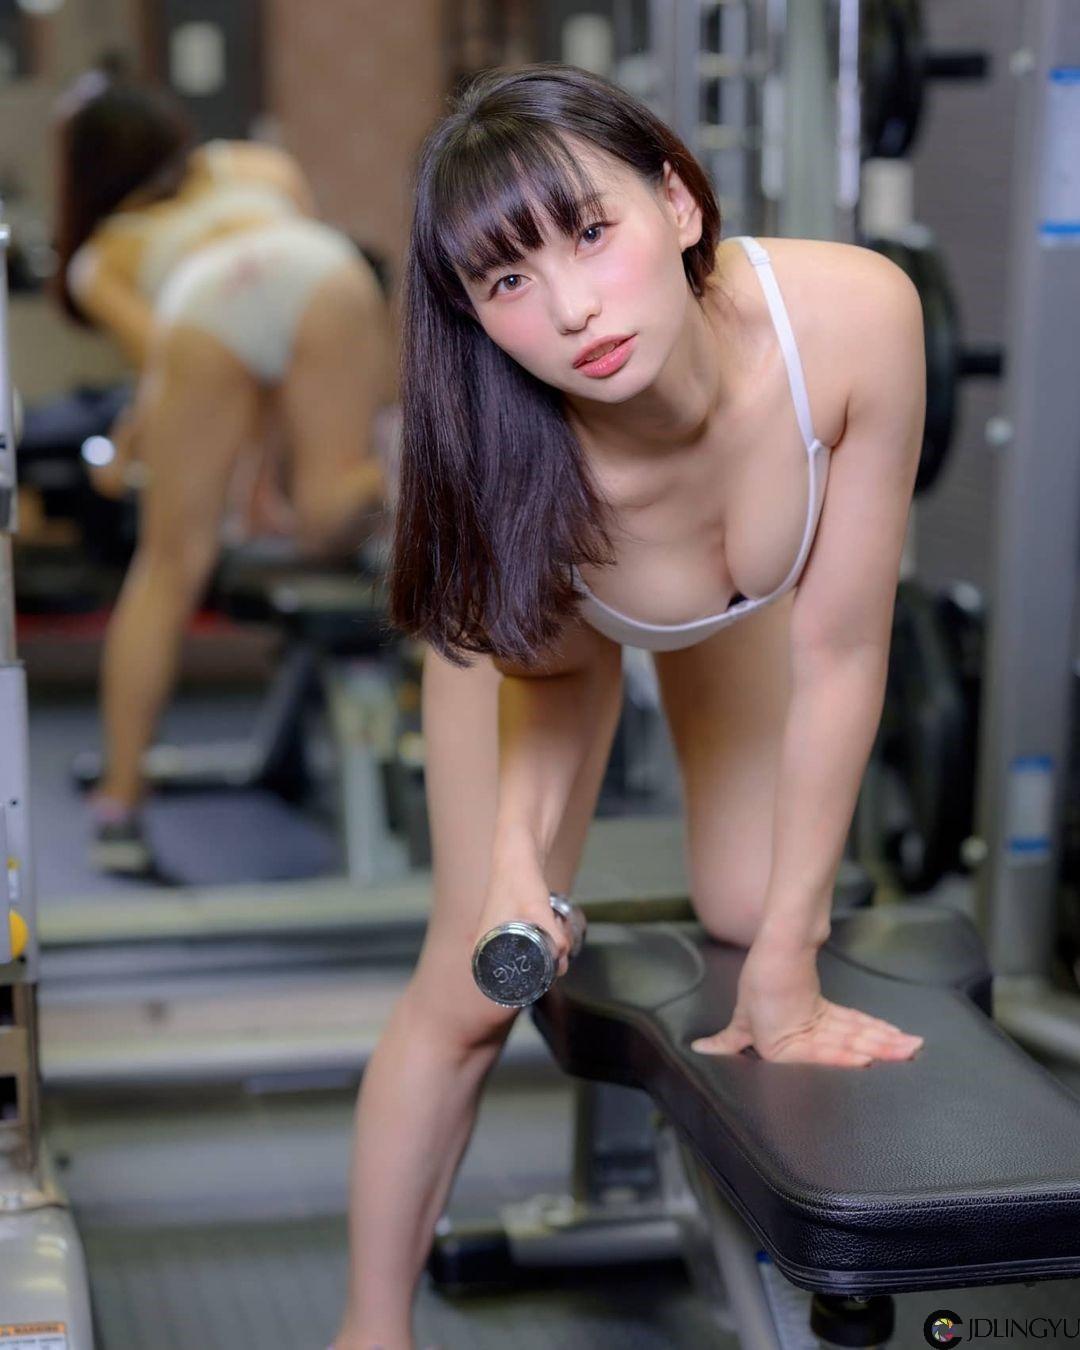 健身房惊见气质筋肉妹「真白まお」哑铃硬举挺出蜜桃尻 肉感十足细腰马甲线健美又性感